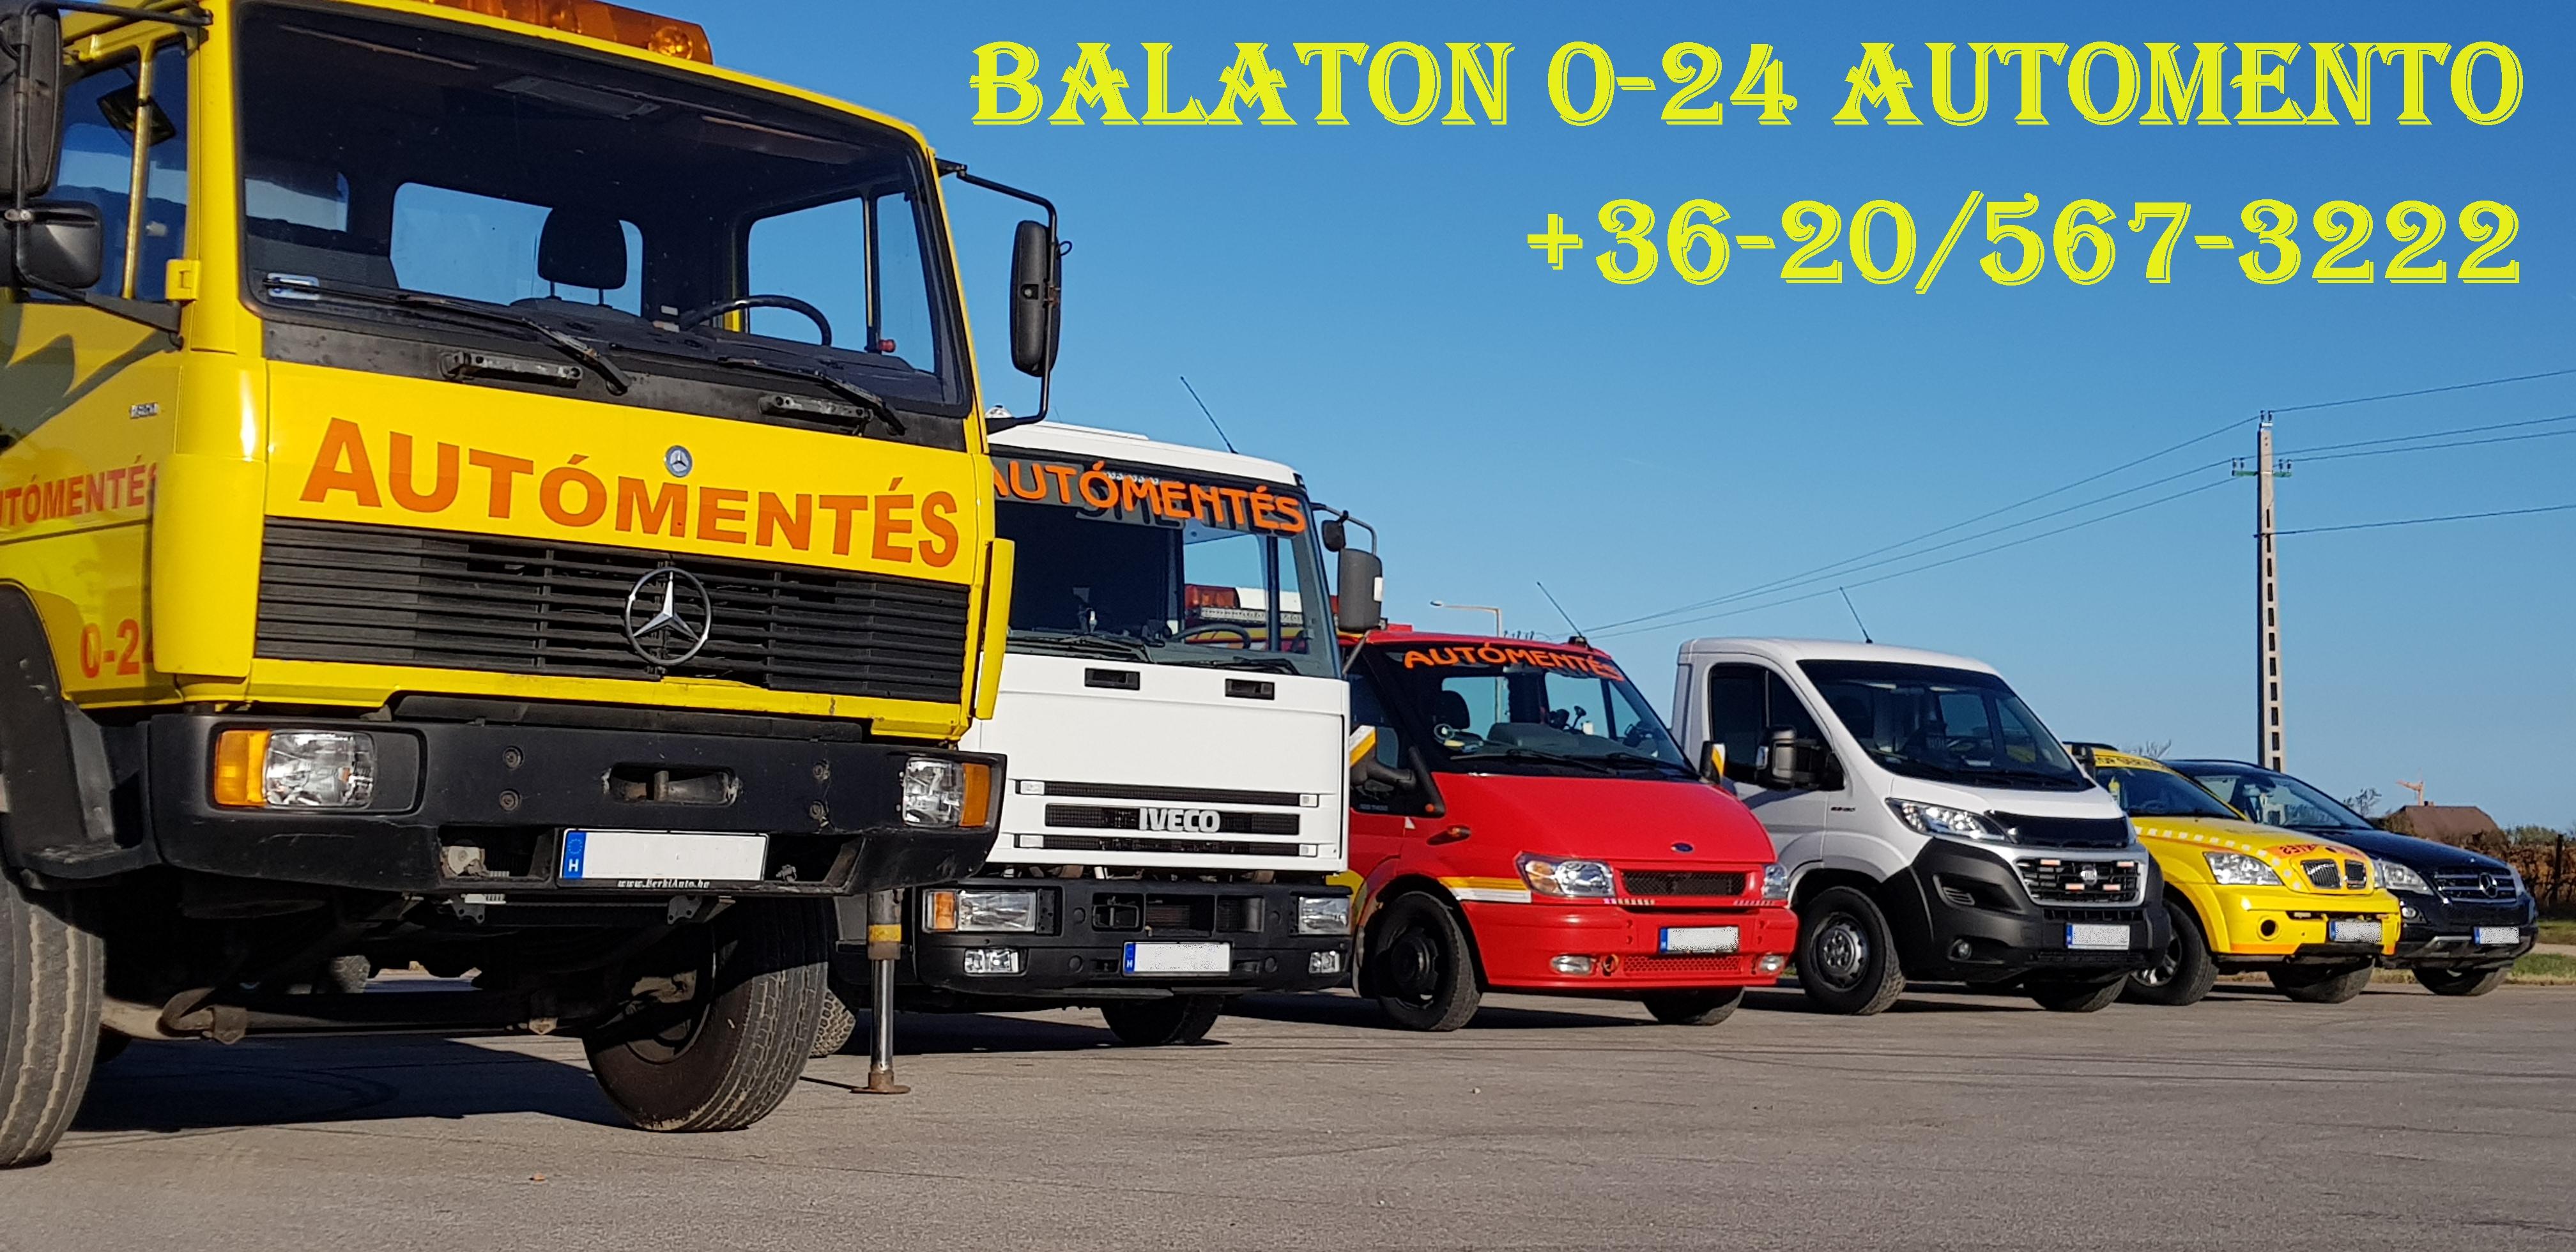 balaton0-24automento